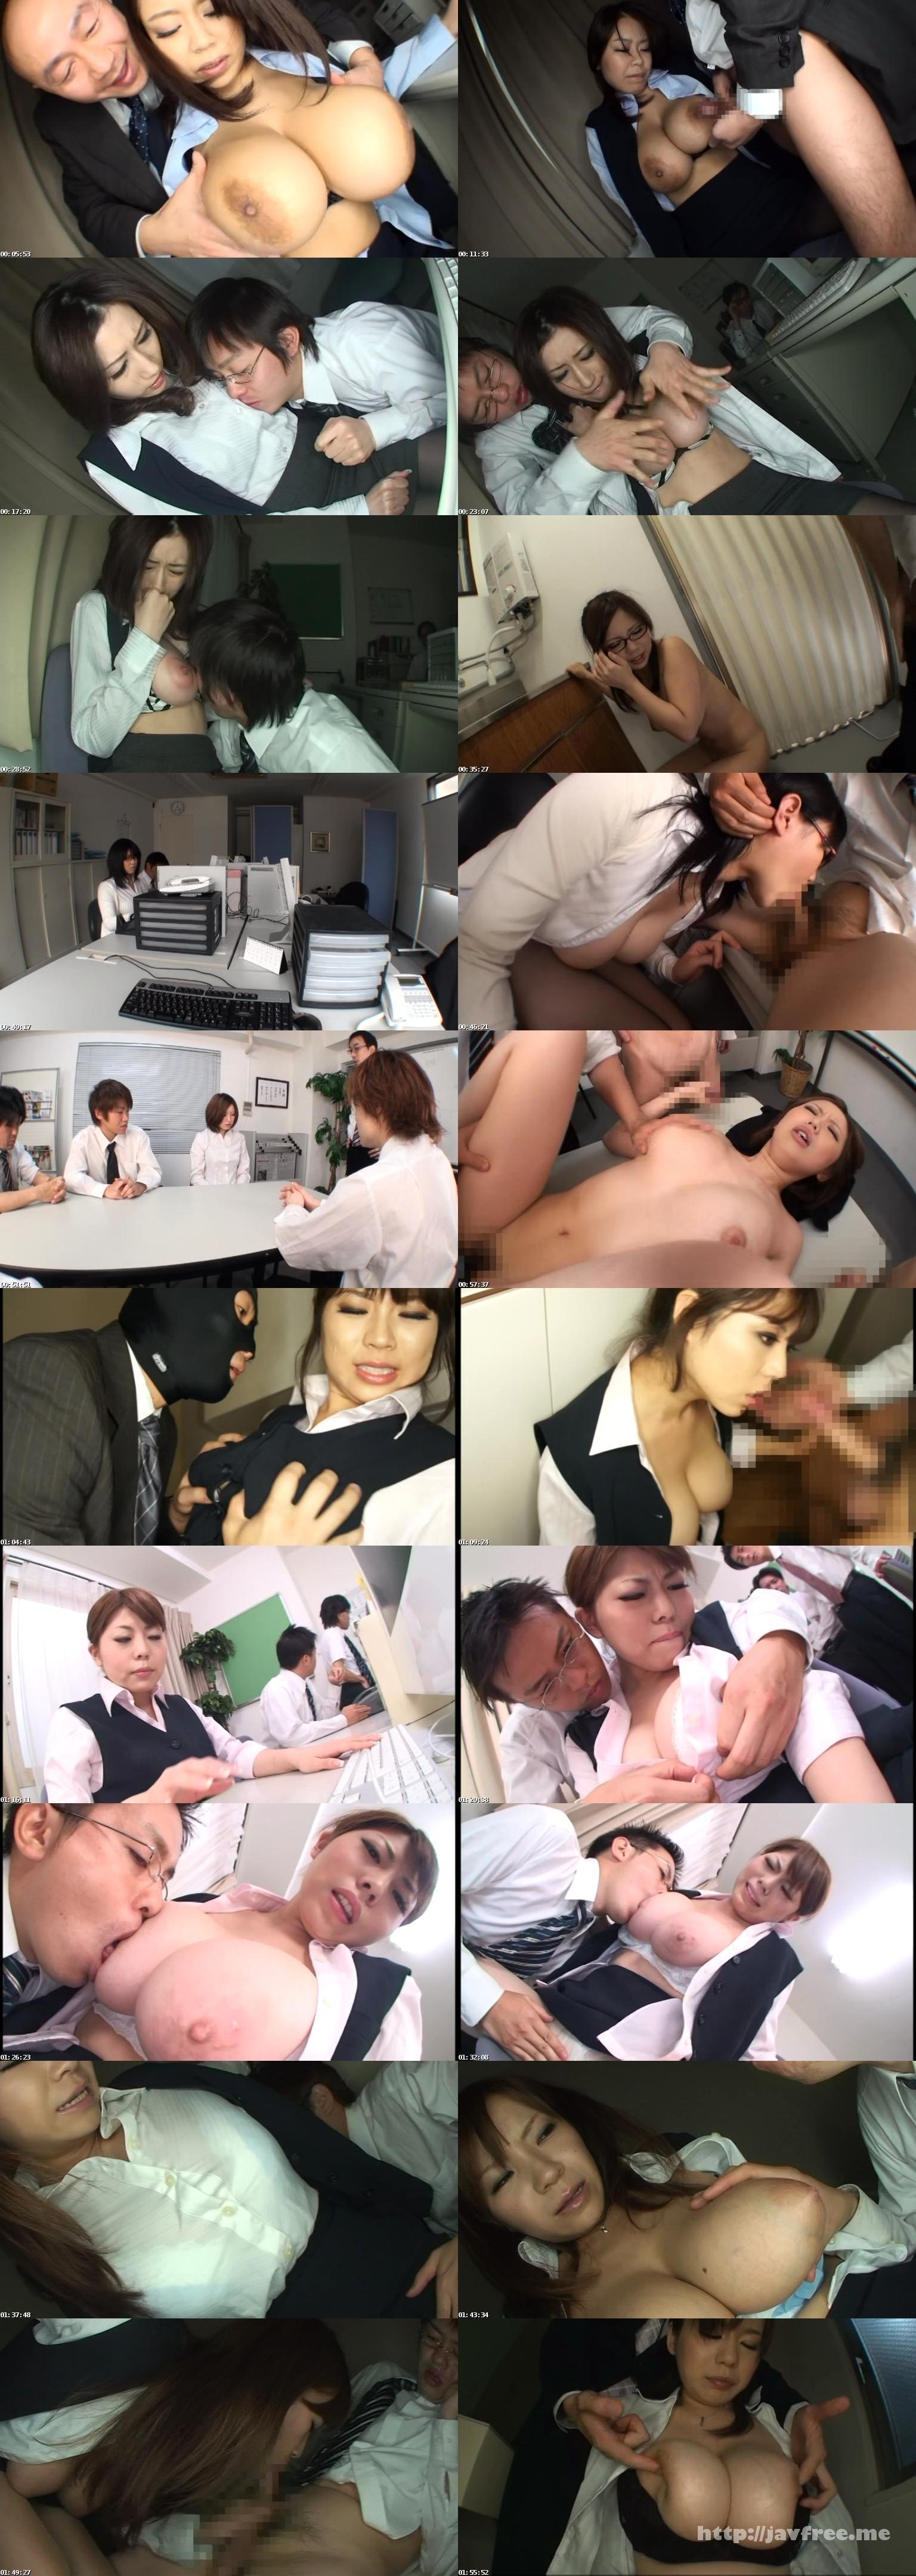 [BOMN-095] 爆乳OL 社内乳辱 キミが入社した時から乳射したかった! - image BOMN-095 on https://javfree.me